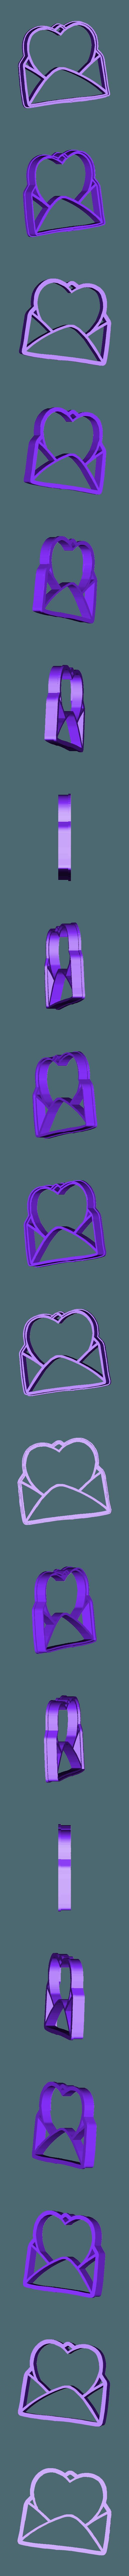 sobredeamor v1.stl Télécharger fichier STL gratuit l'amour l'amour l'emporte-pièce • Design imprimable en 3D, memy_ironmaiden